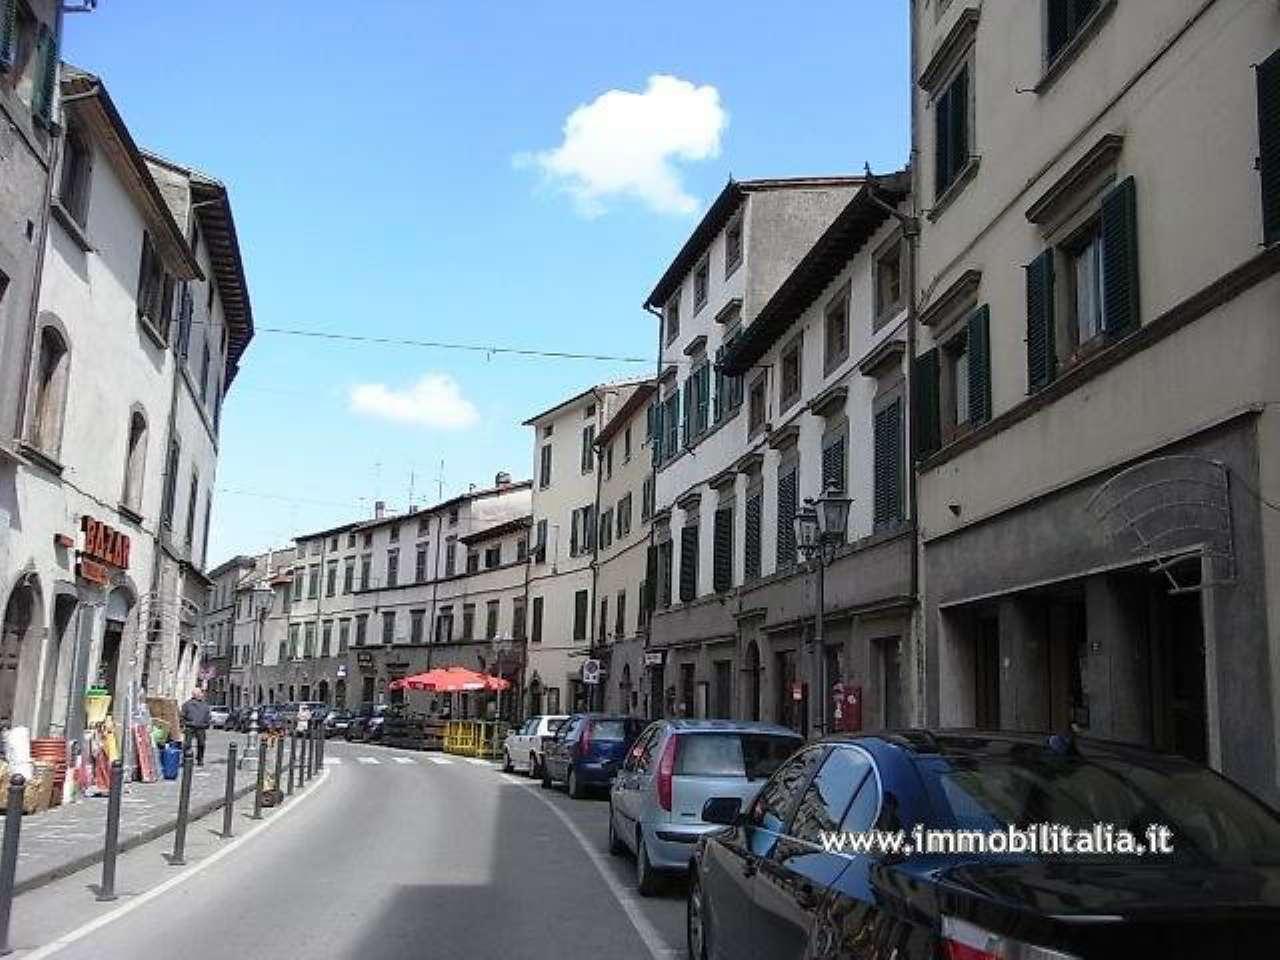 INVESTIMENTO ed OCCASIONE UNICA in antico borgo toscano alle pendici del Monte Amiata